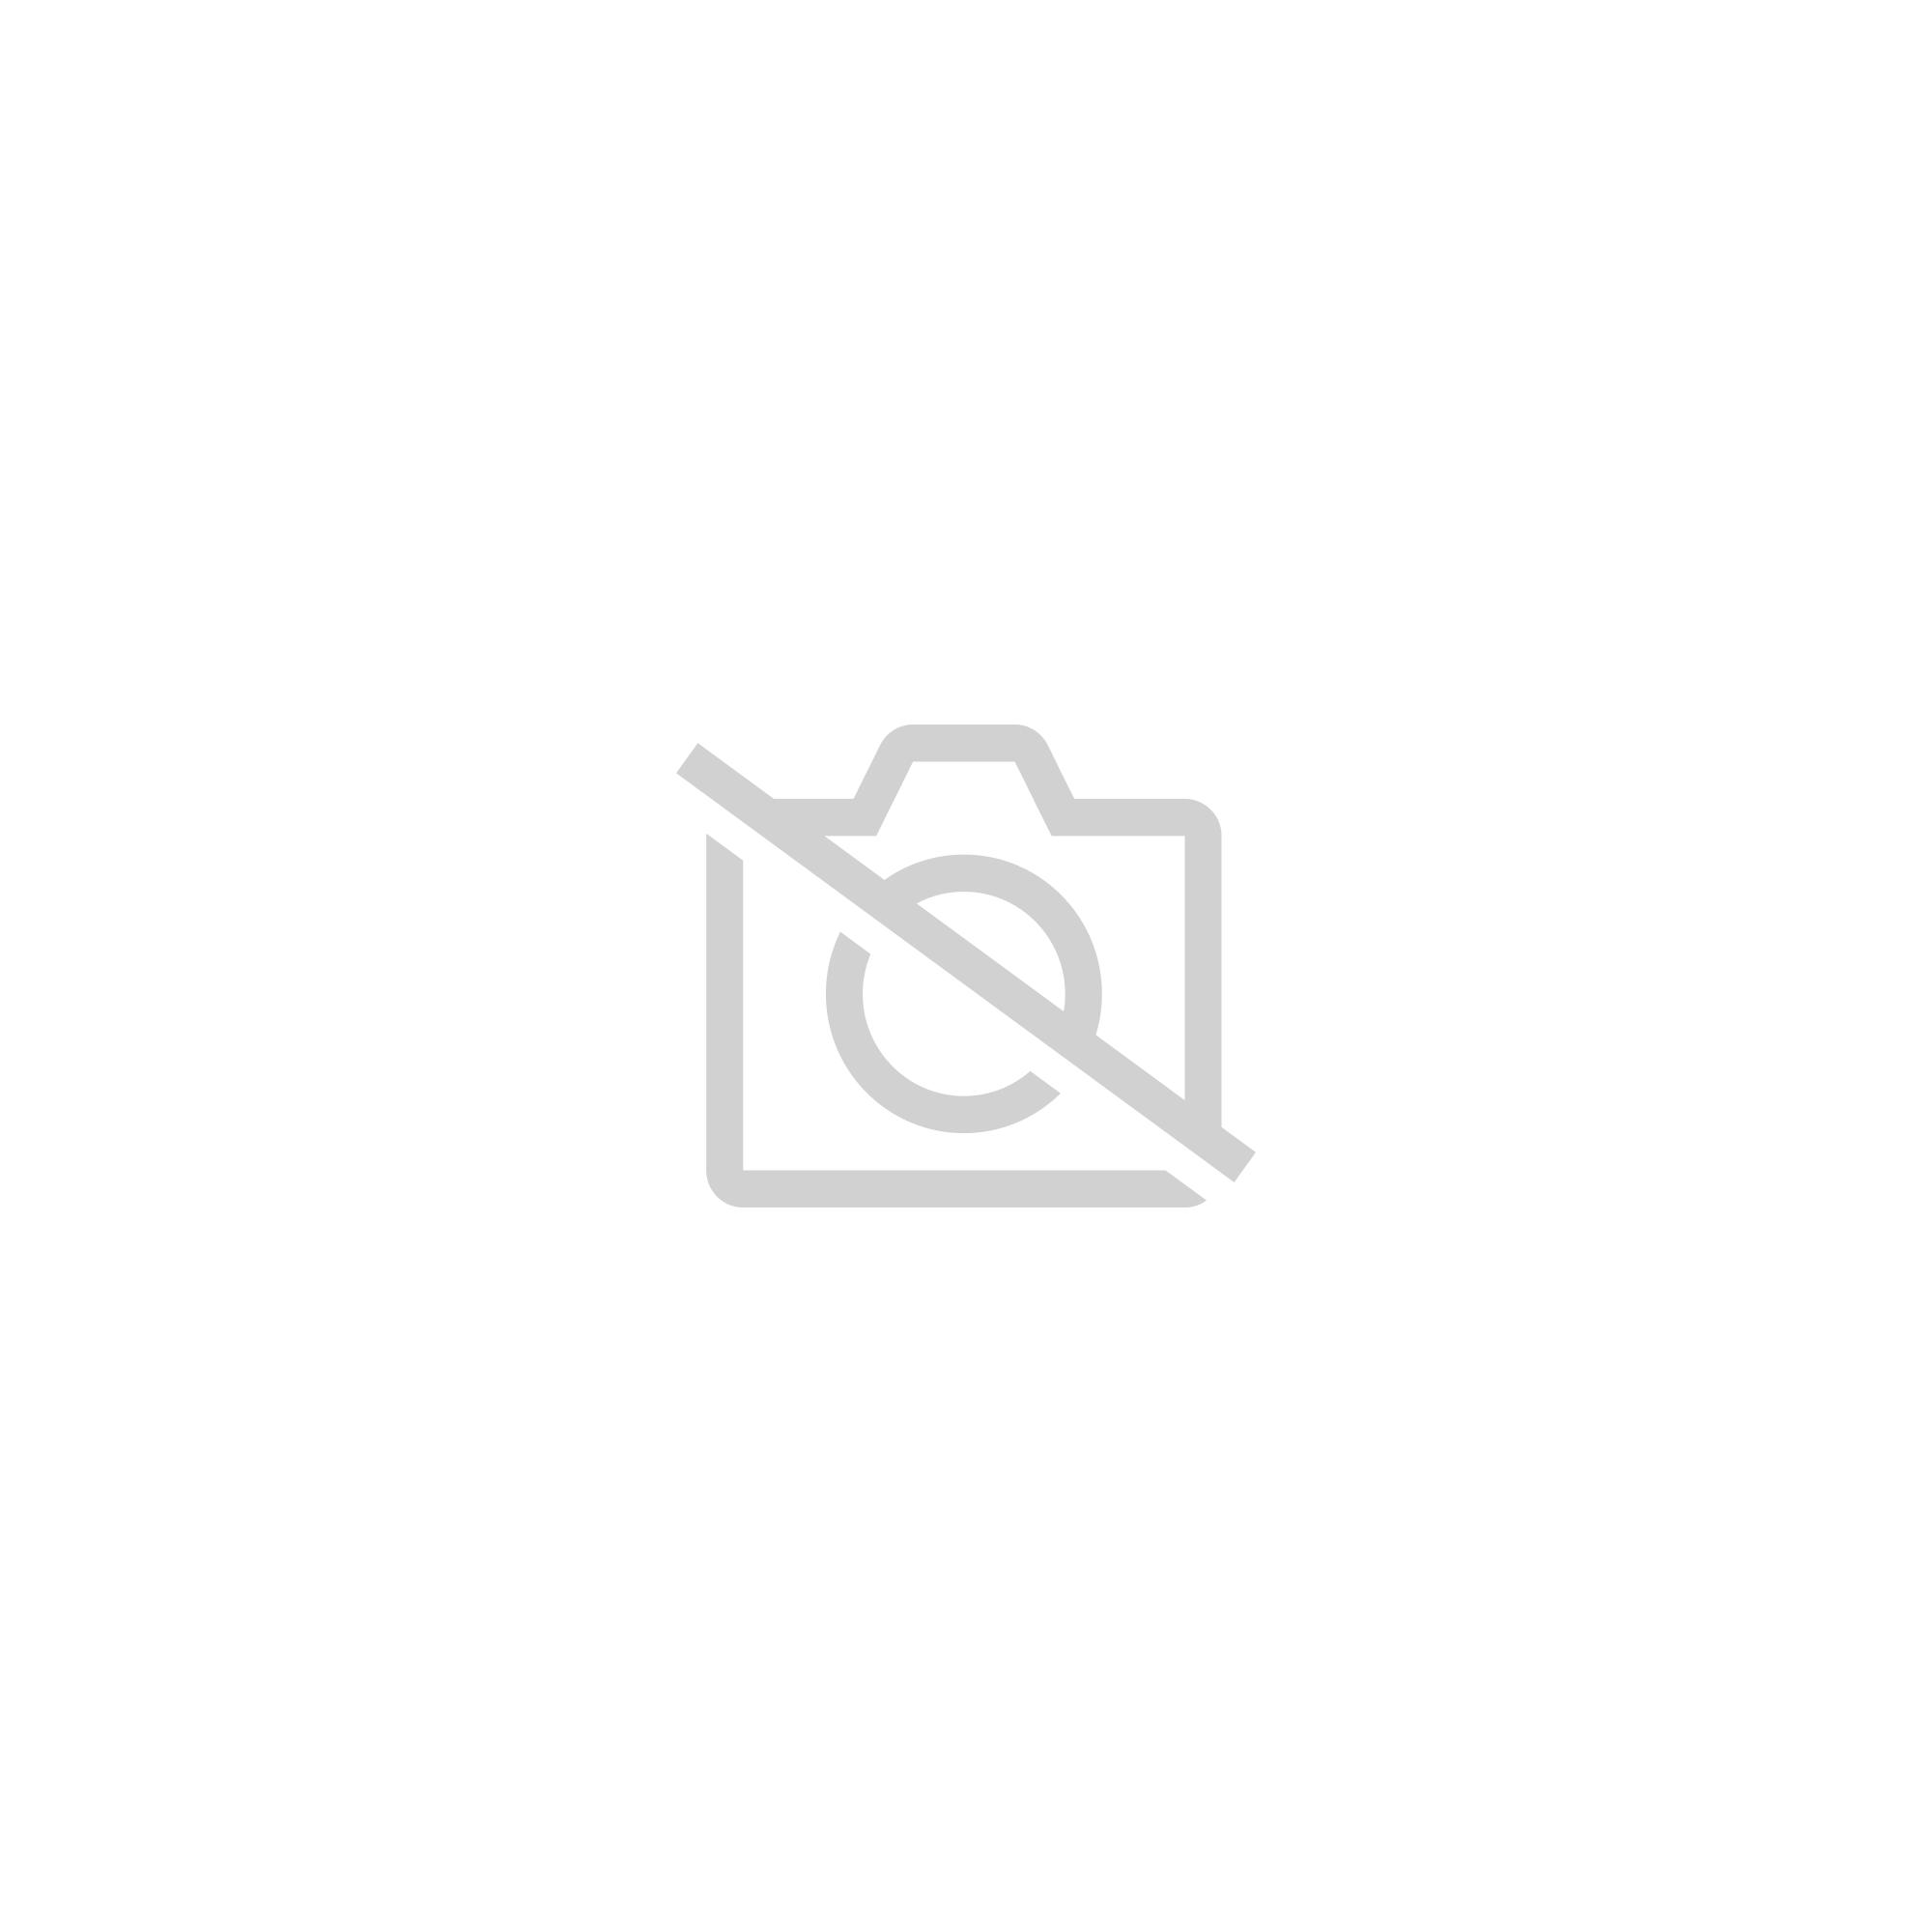 Sweat Football Adidas Fc Bayern Munich Uefa 2014/2015 Trg Top